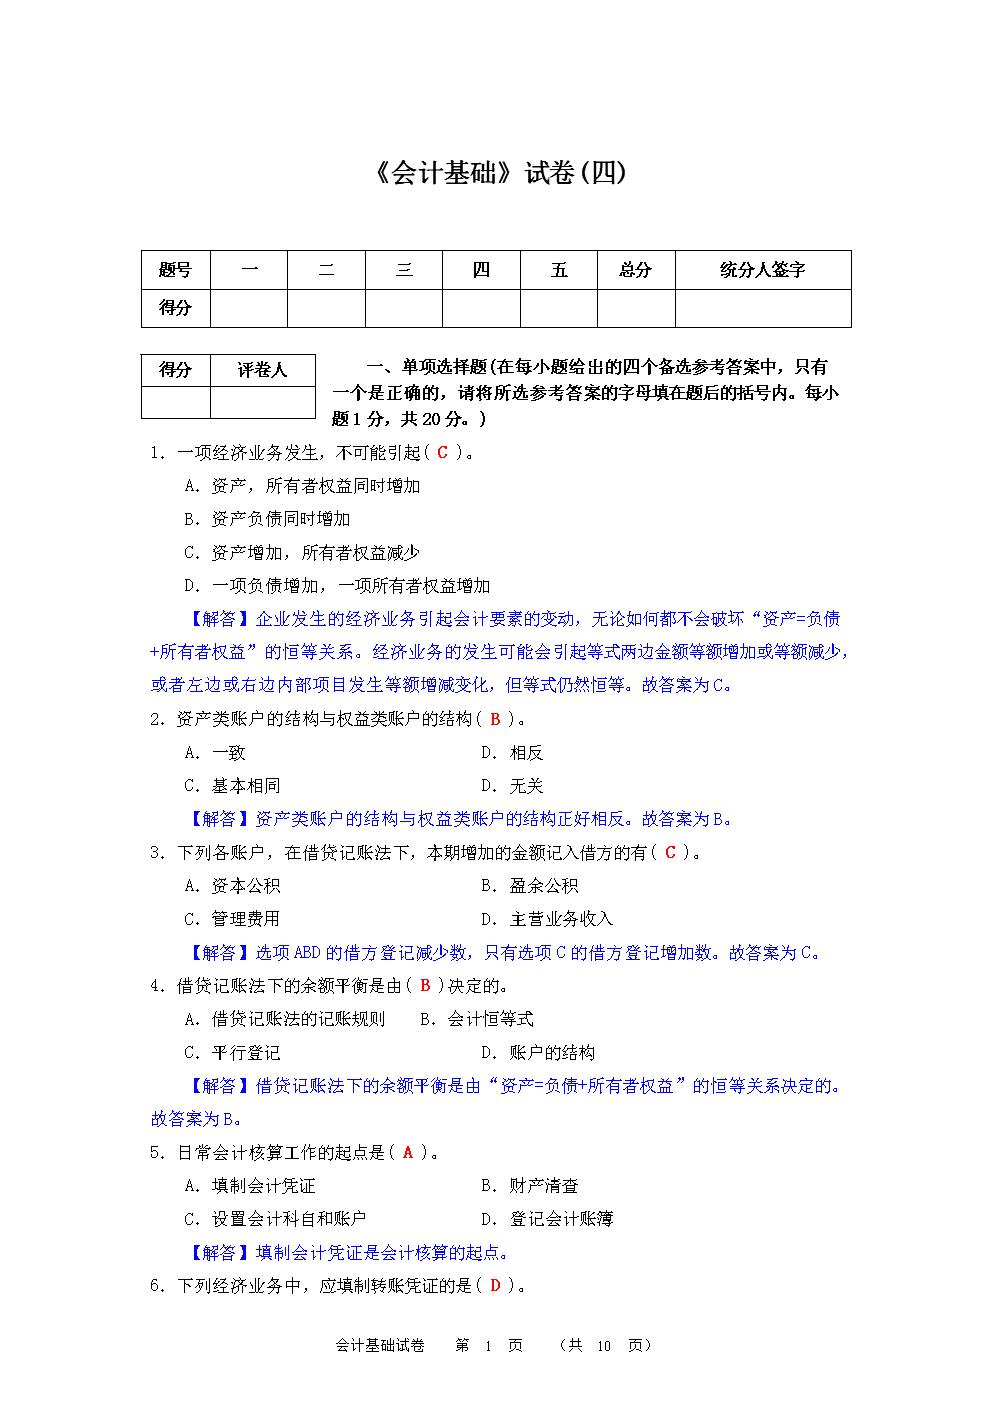 会计基础试卷(四)原题、答案及解答.doc